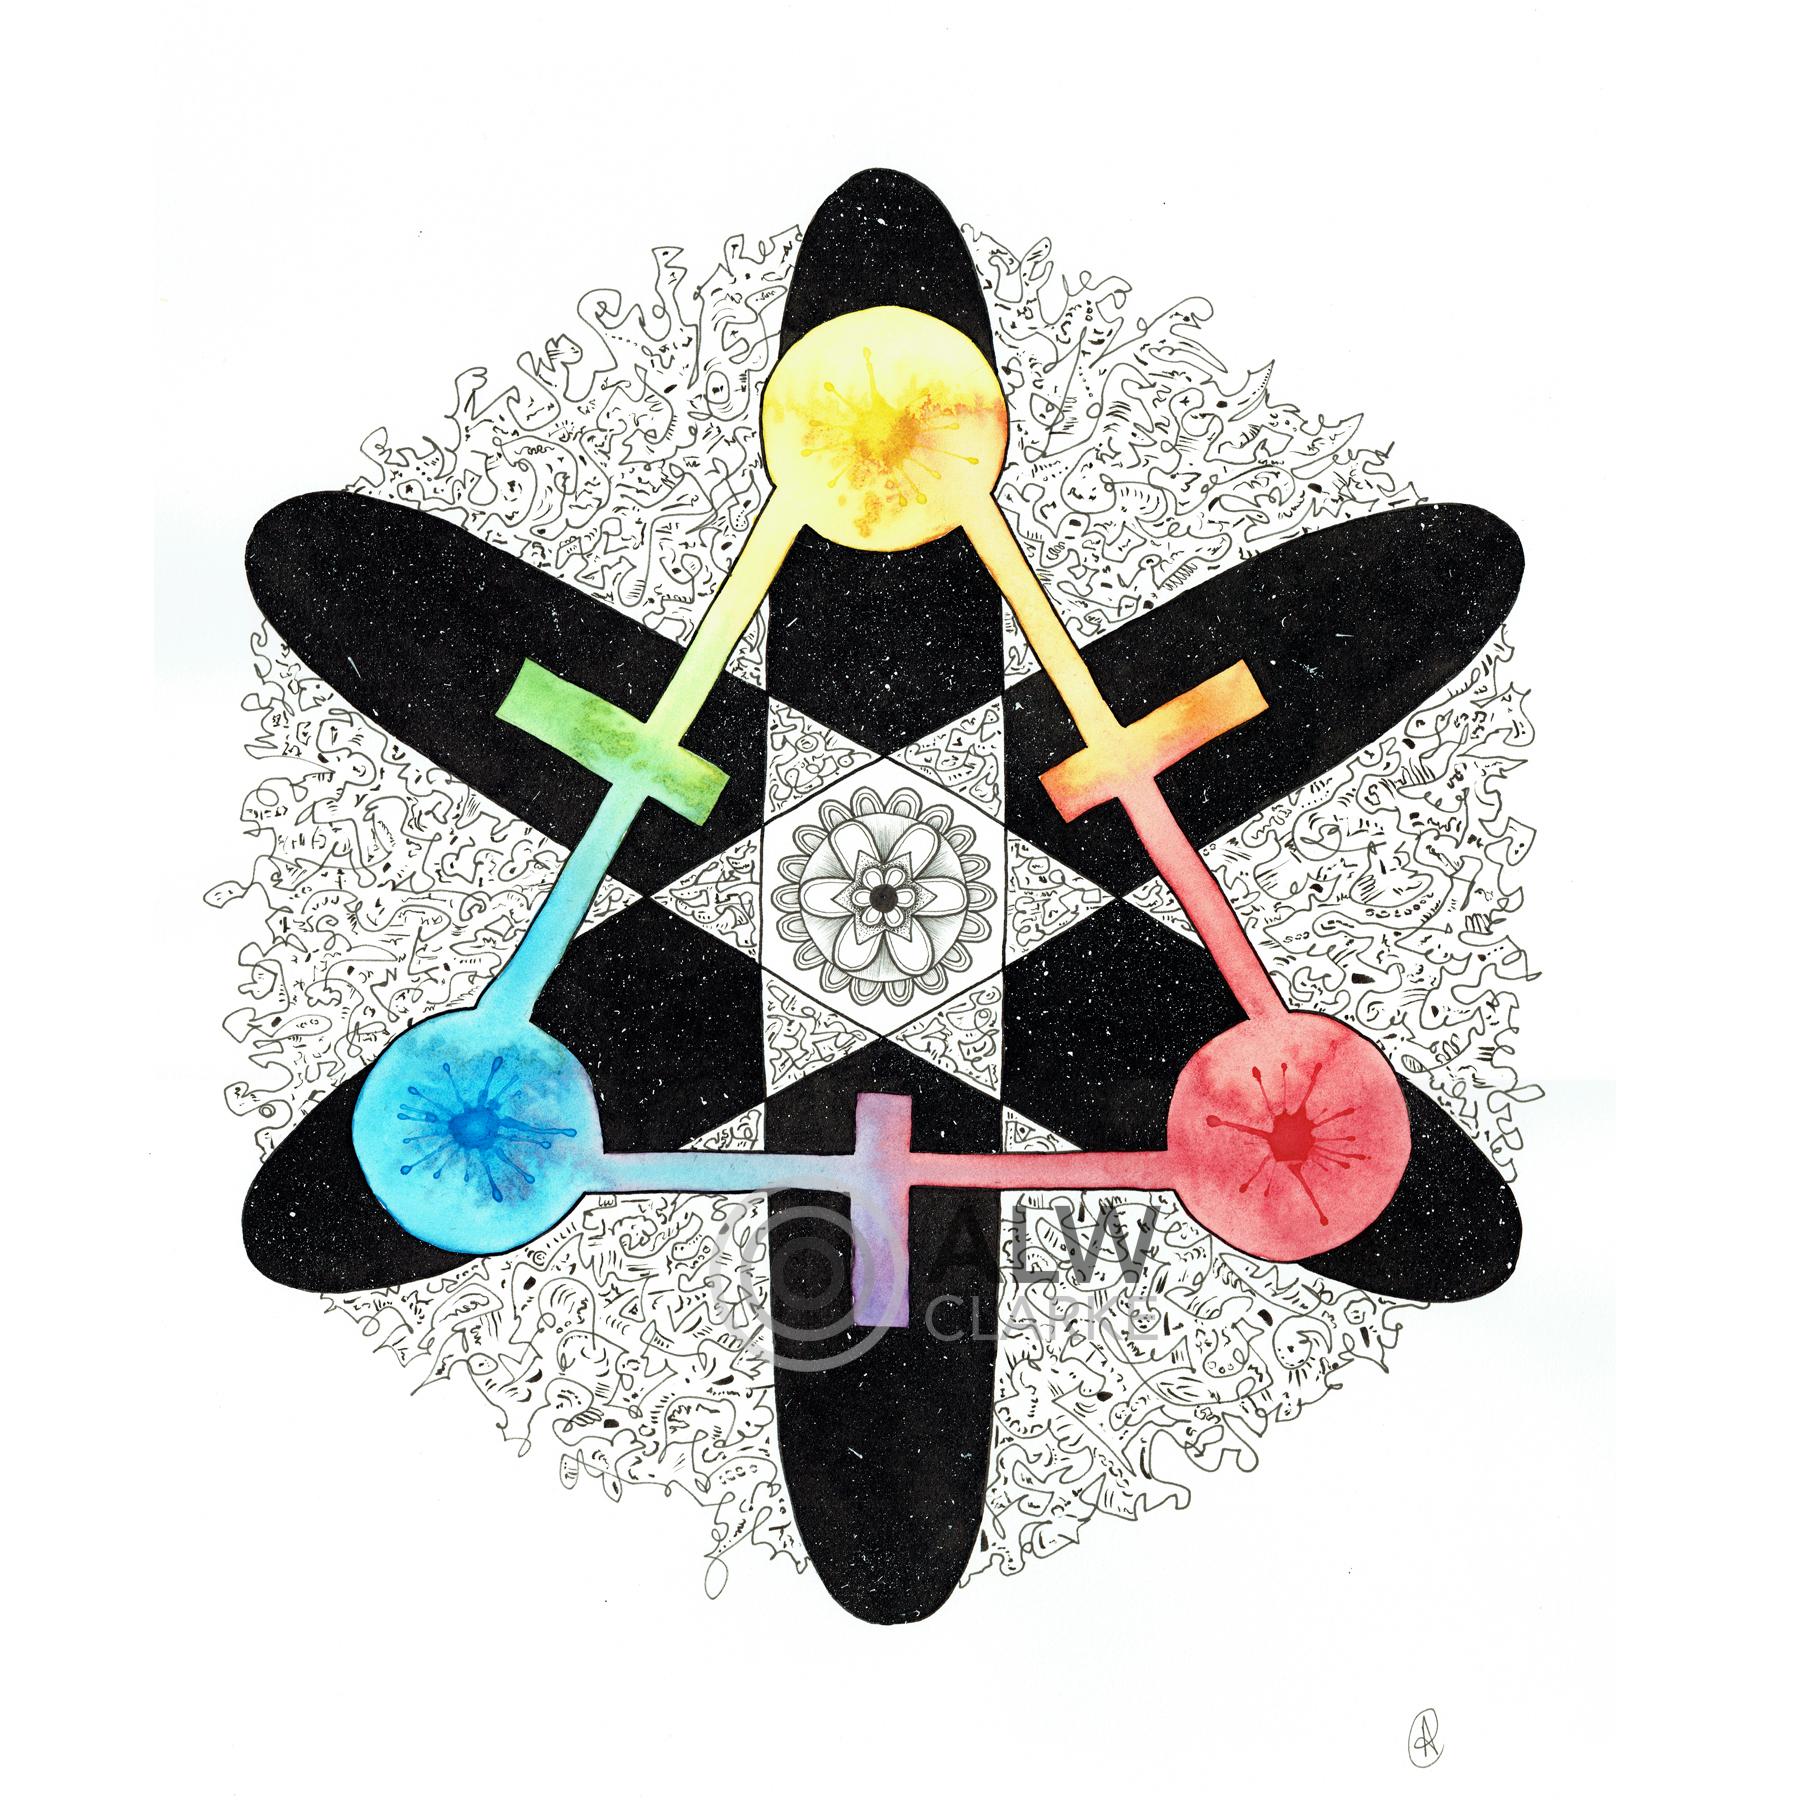 ALW-Clarke-Emotions-Open-Mind-Artwork.jpg